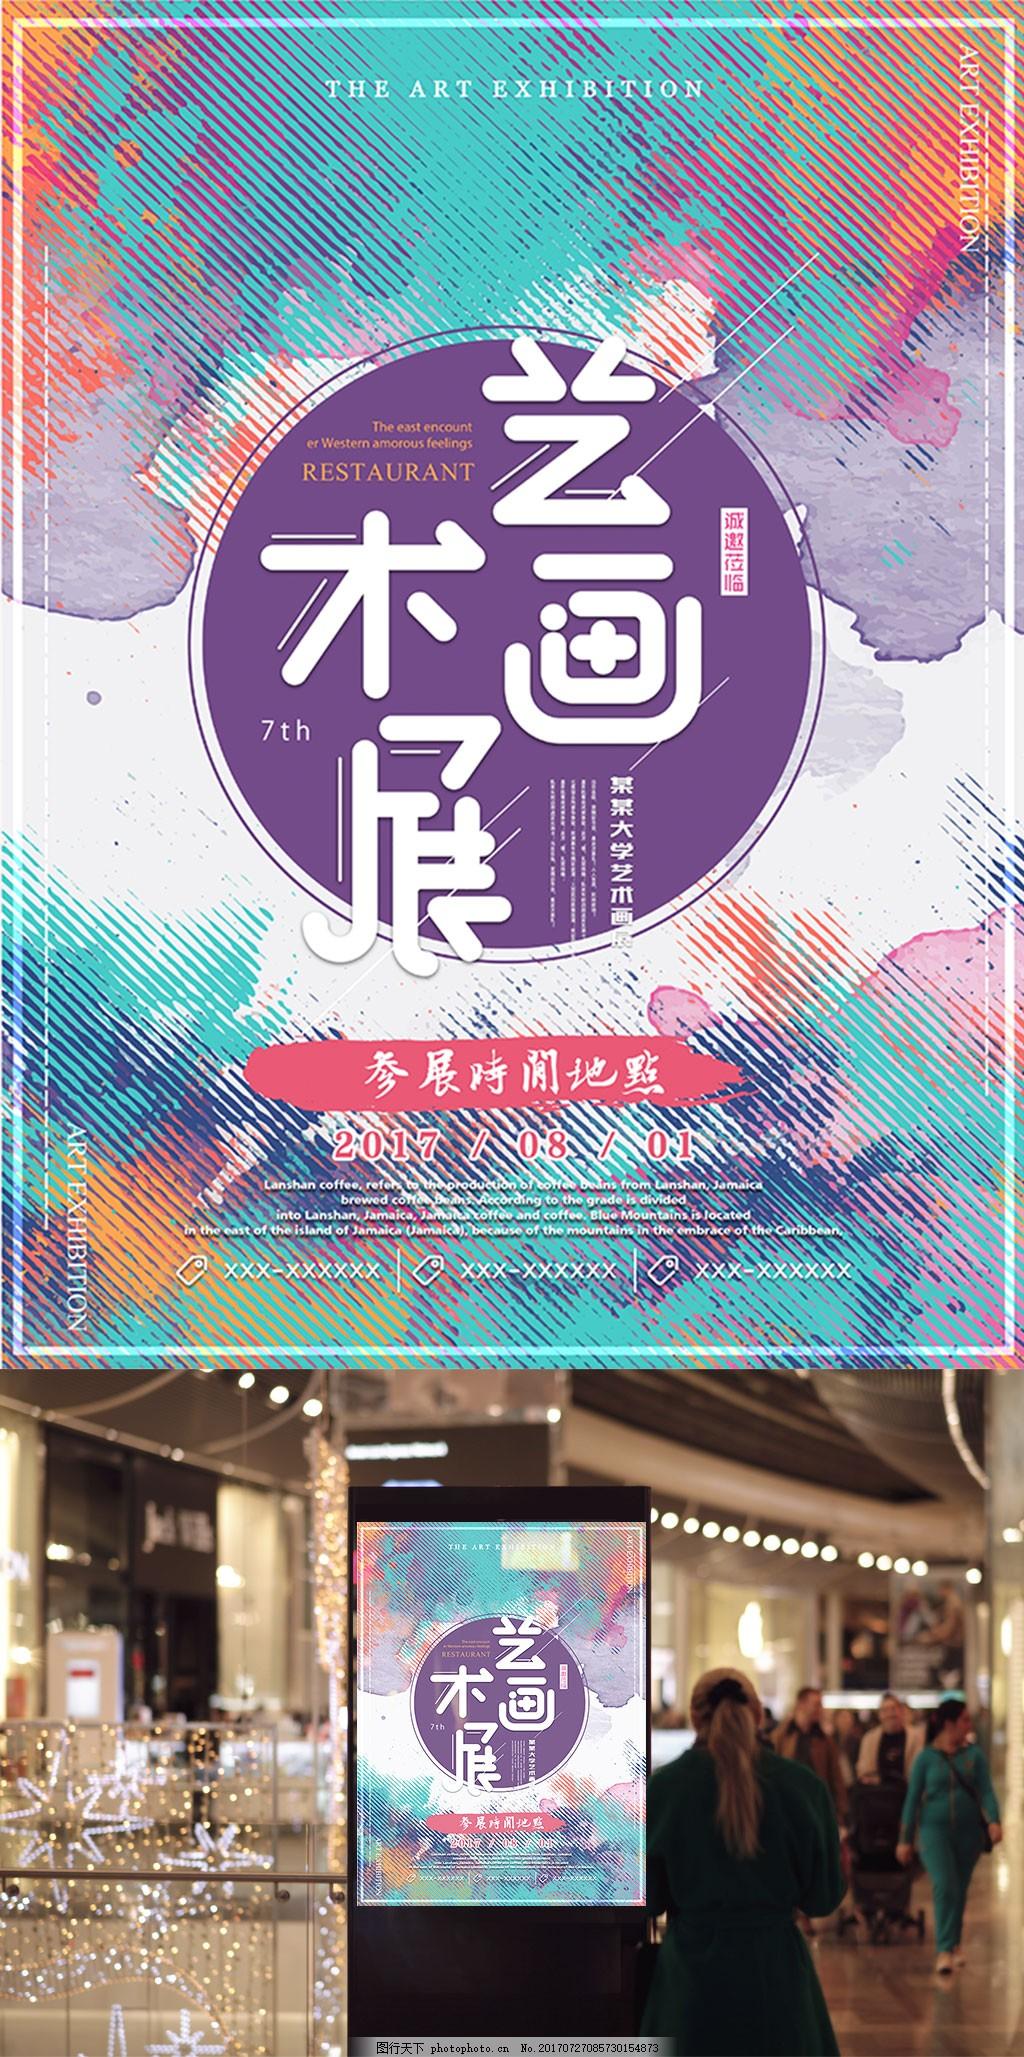 创意水彩水墨艺术画展宣传海报 水墨艺术海报 水墨绚丽 多彩 文化艺术节海报